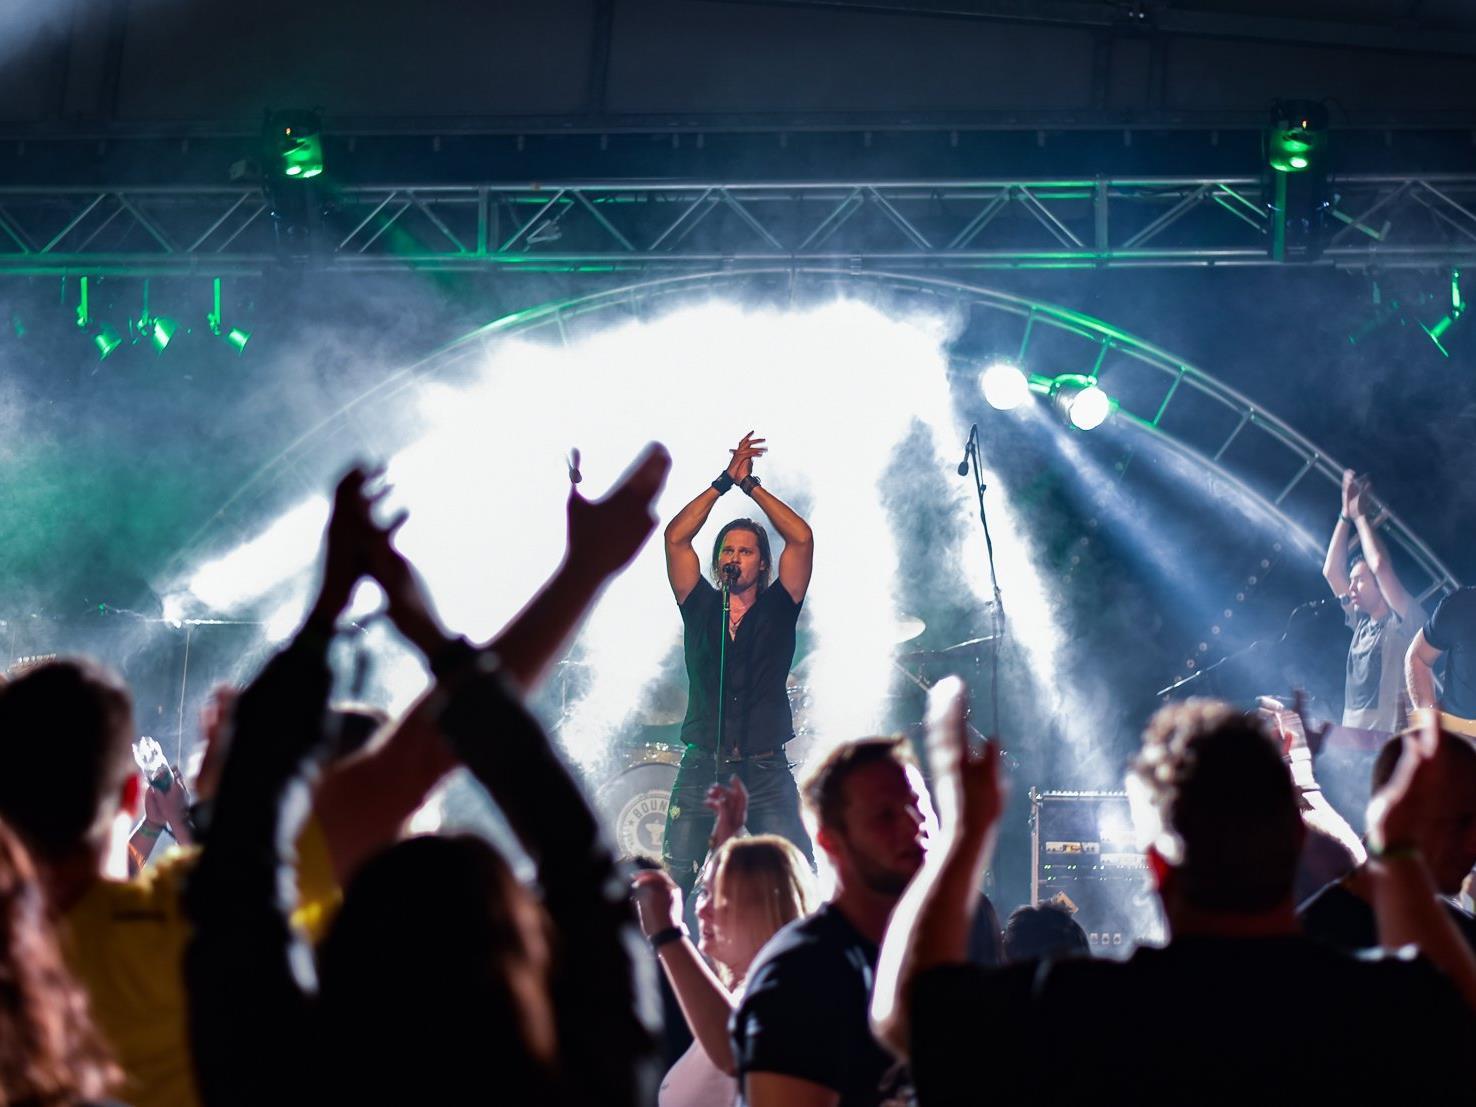 Ausgelassene Stimmung, tolle Musikunterhaltung und einen gelungenen Heiratsantrage gab es bei der zweiten Graf Anton Rocknacht in Stallehr